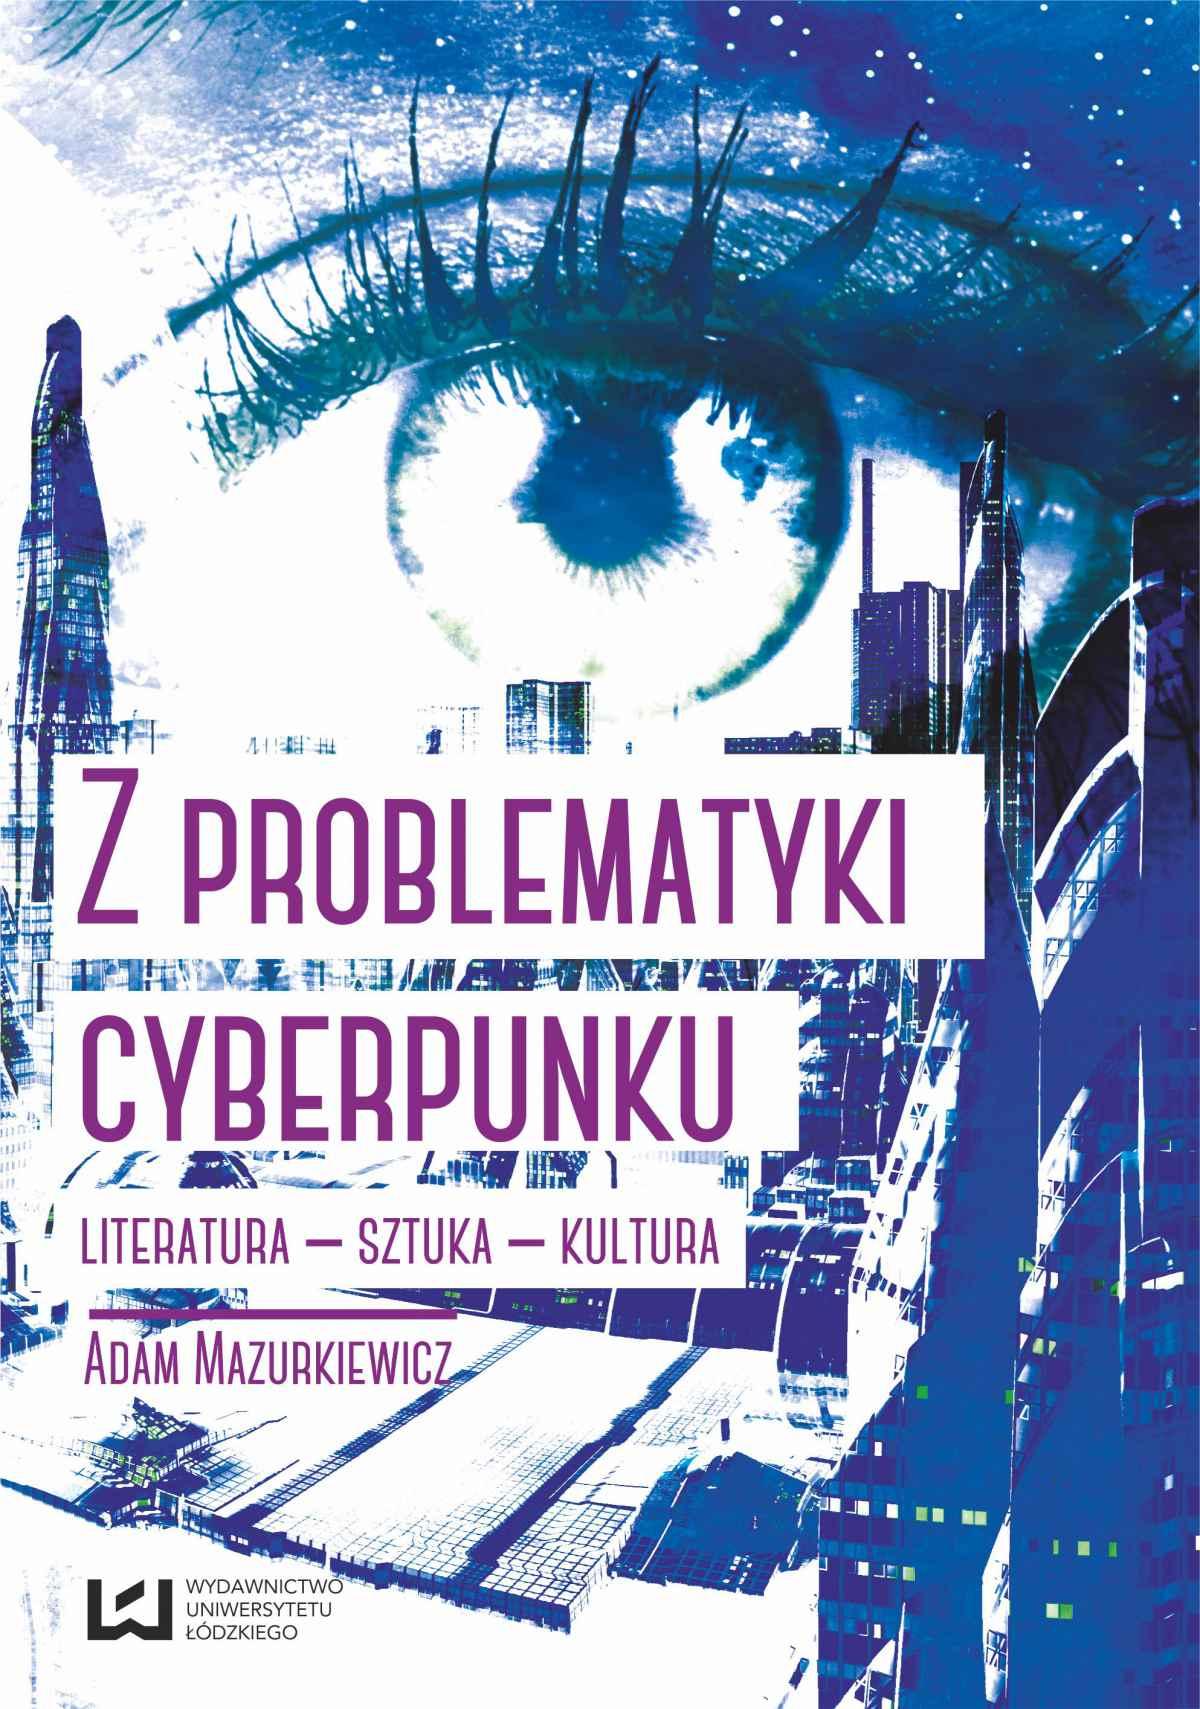 Z problematyki cyberpunku. Literatura – sztuka – kultura - Ebook (Książka EPUB) do pobrania w formacie EPUB